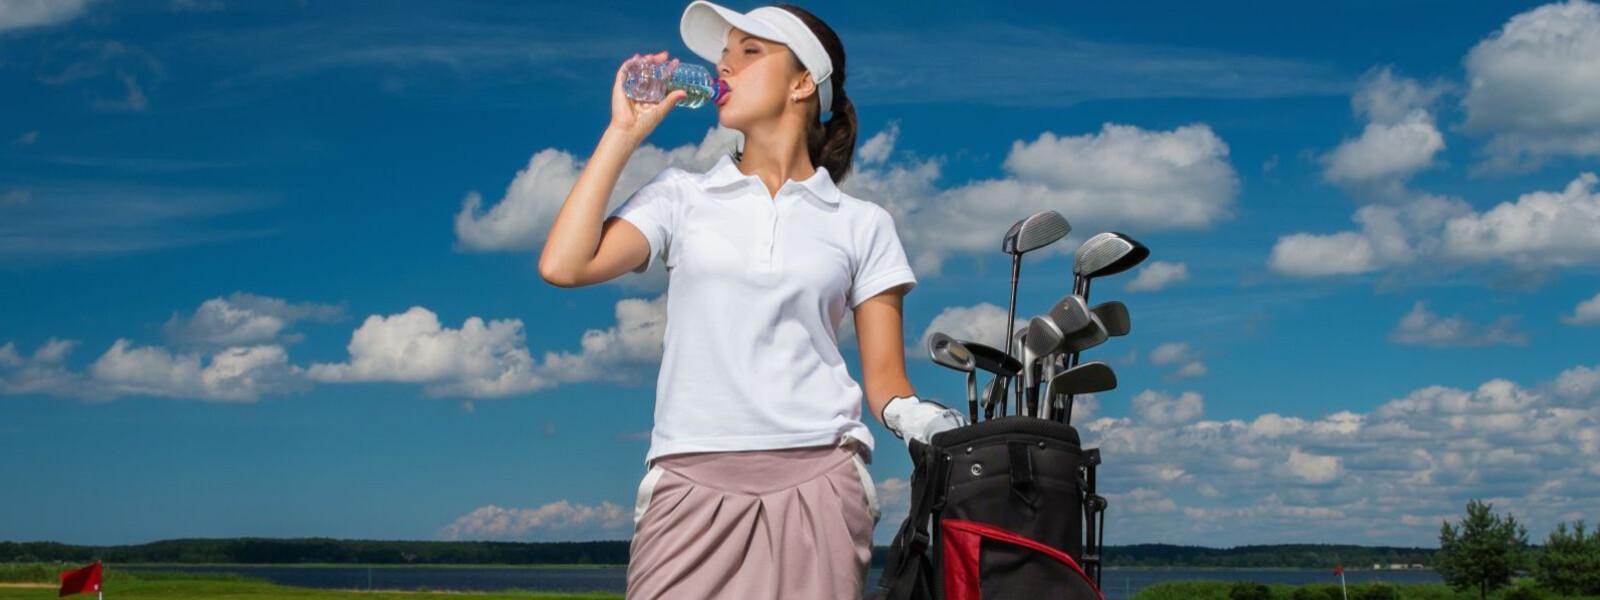 Golf spielen und abnehmen